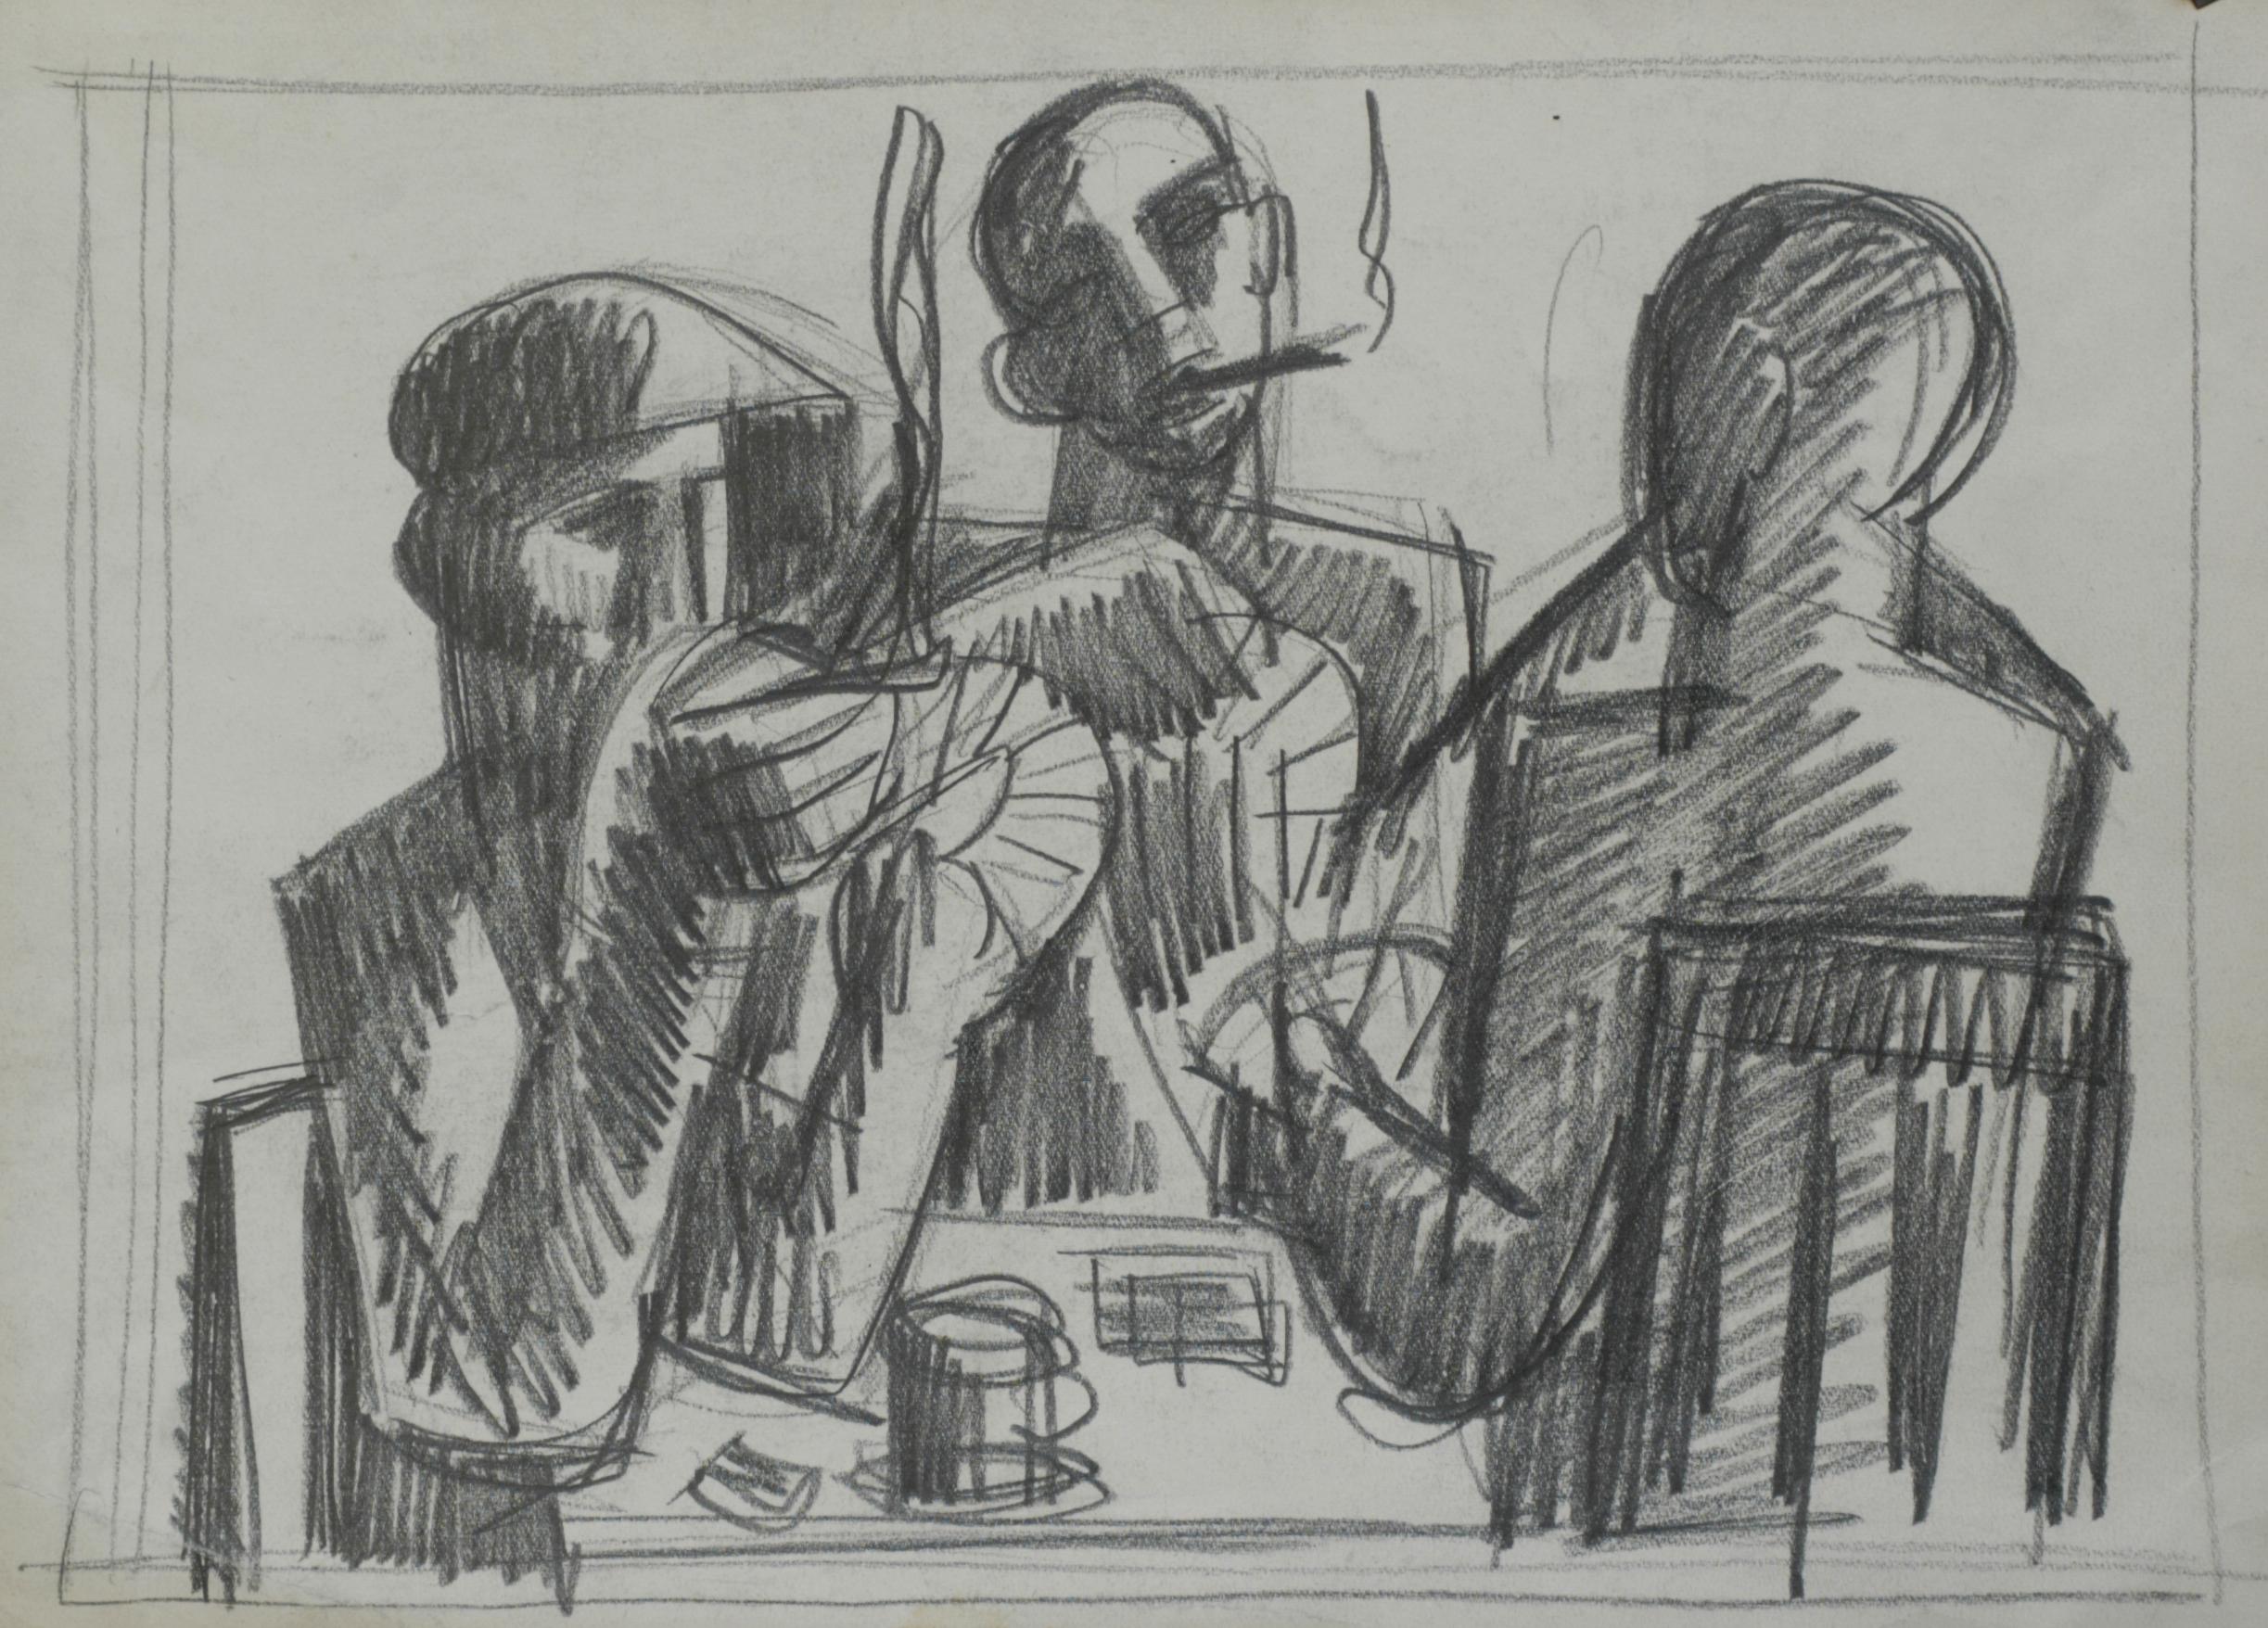 File:Bedrich Novotny Studie k hráčům karet počátek 60. let kresba tužkou na papíře, 27 x 37 cm.jpg